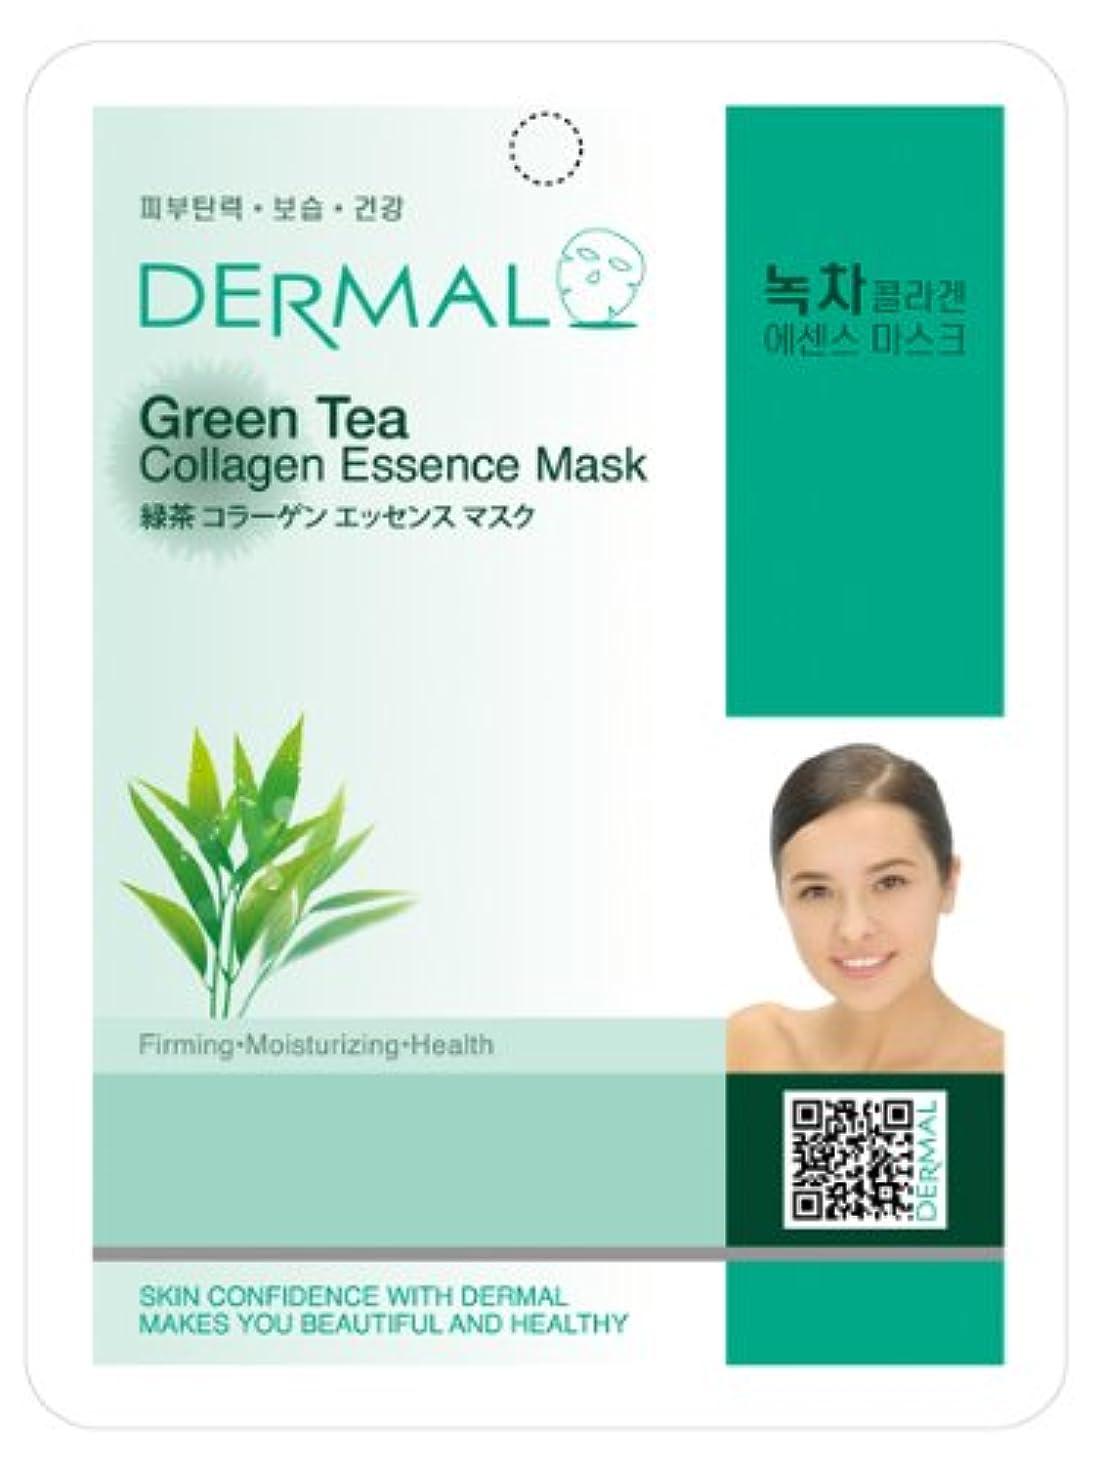 死古風な良心的シートマスク 緑茶 10枚セット ダーマル(Dermal) フェイス パック